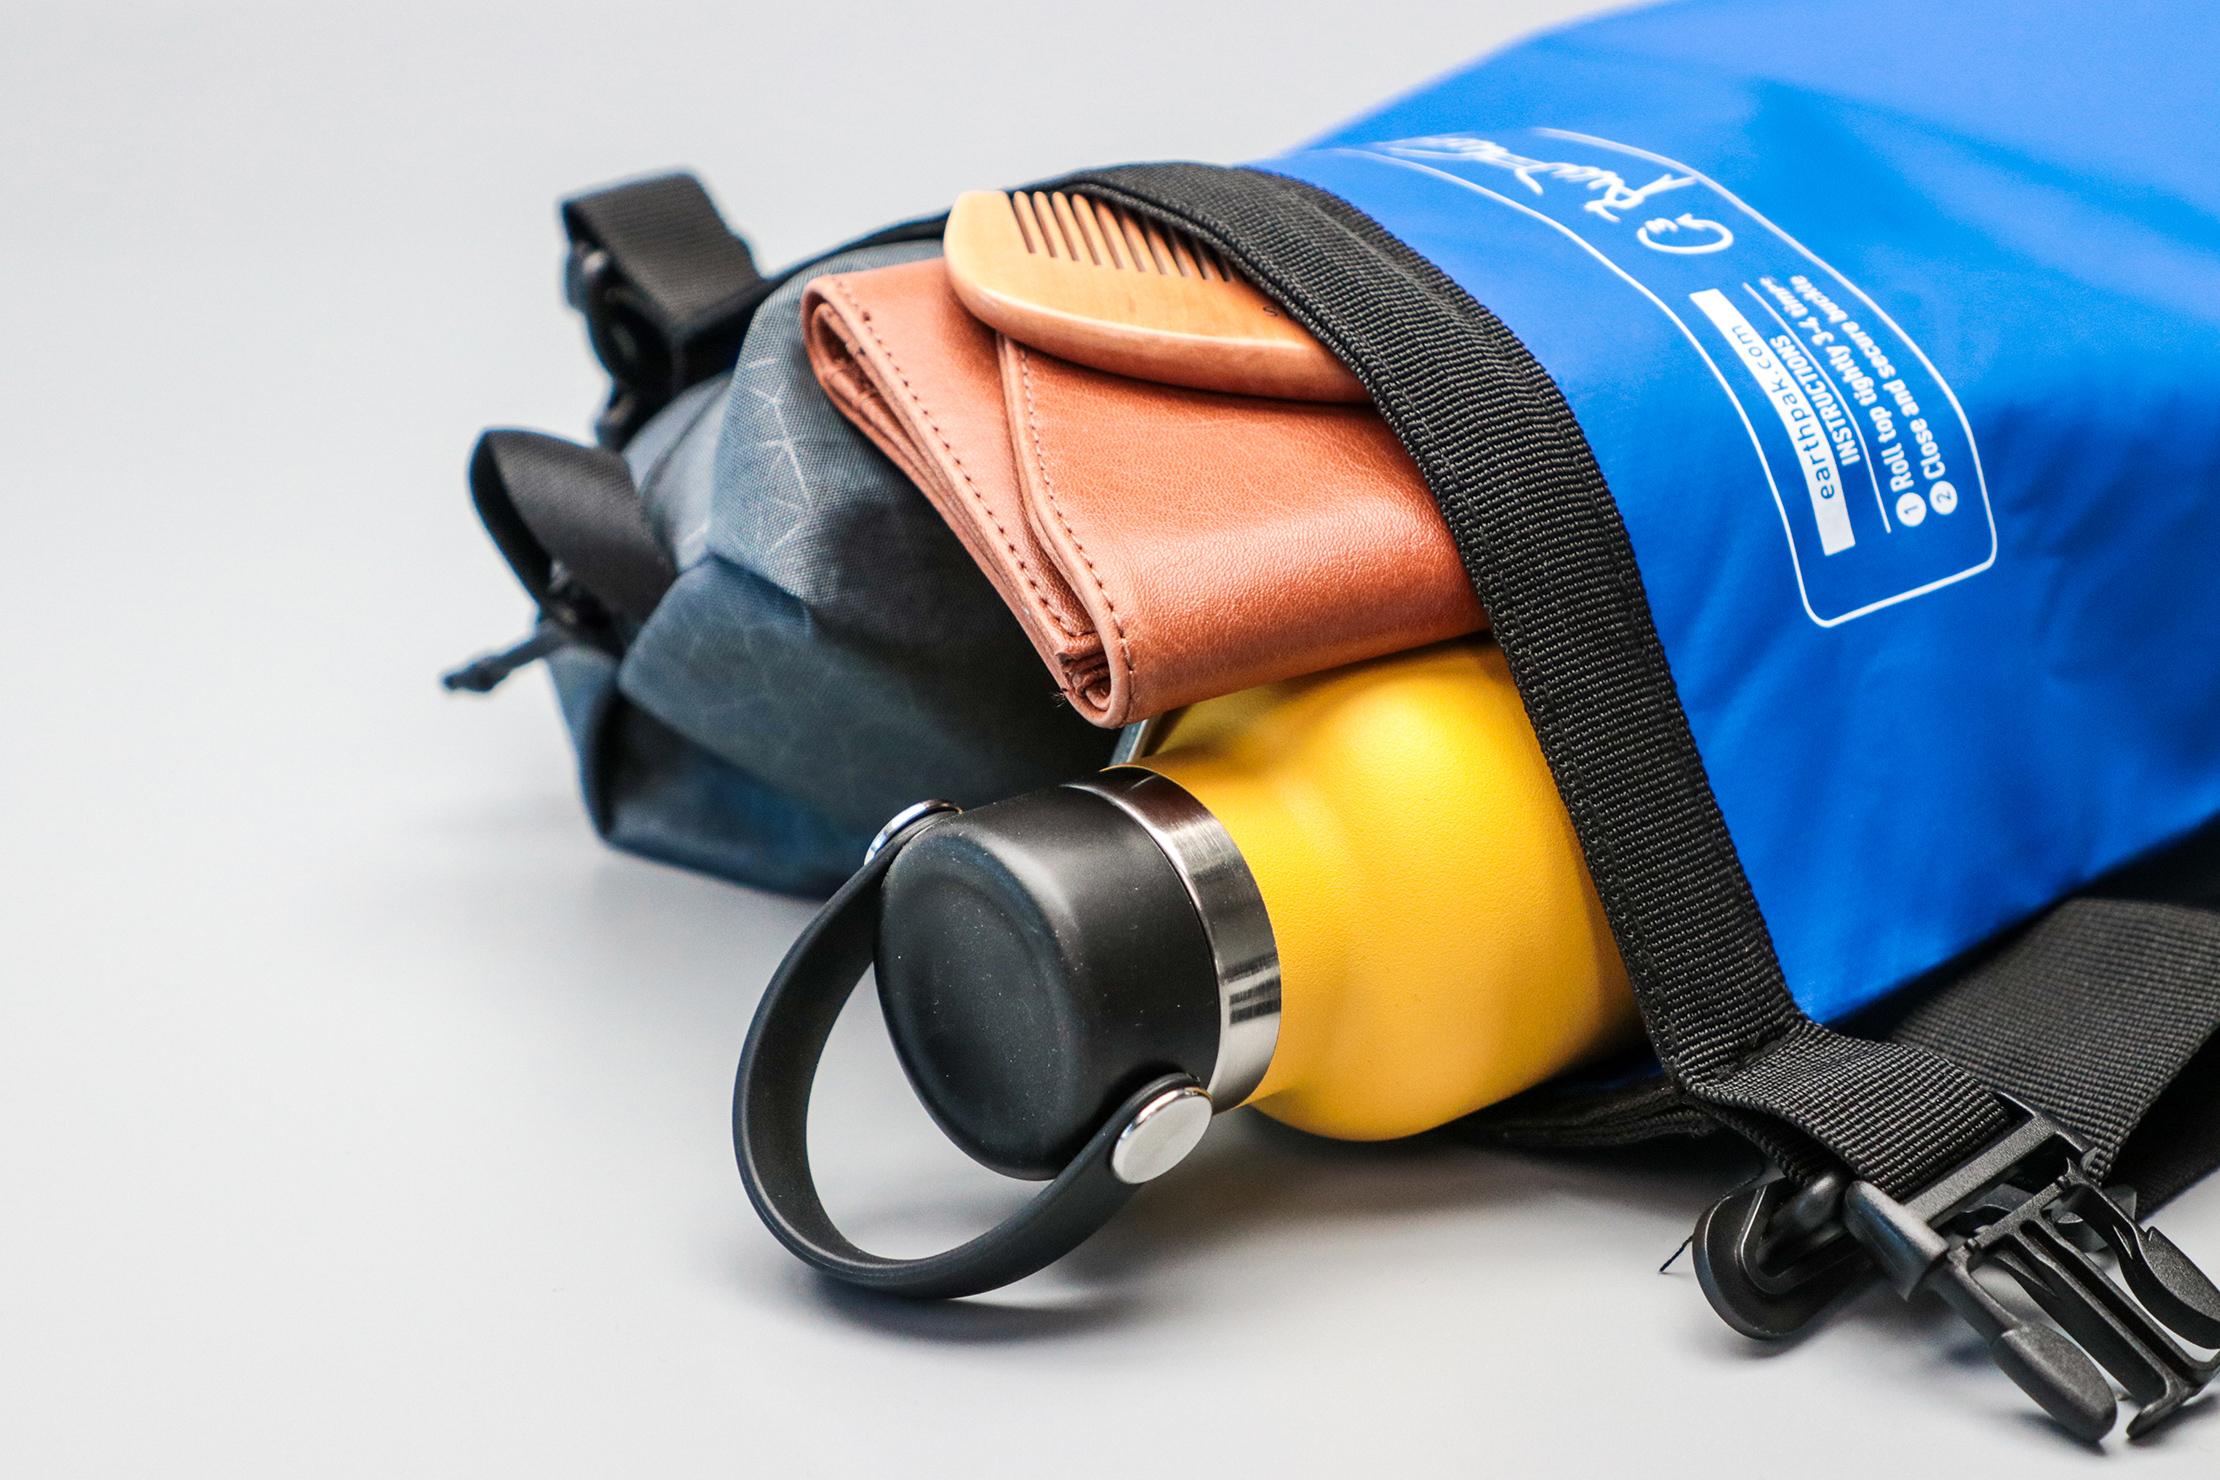 Earth Pak Original Waterproof Dry Bag Packed With Gear